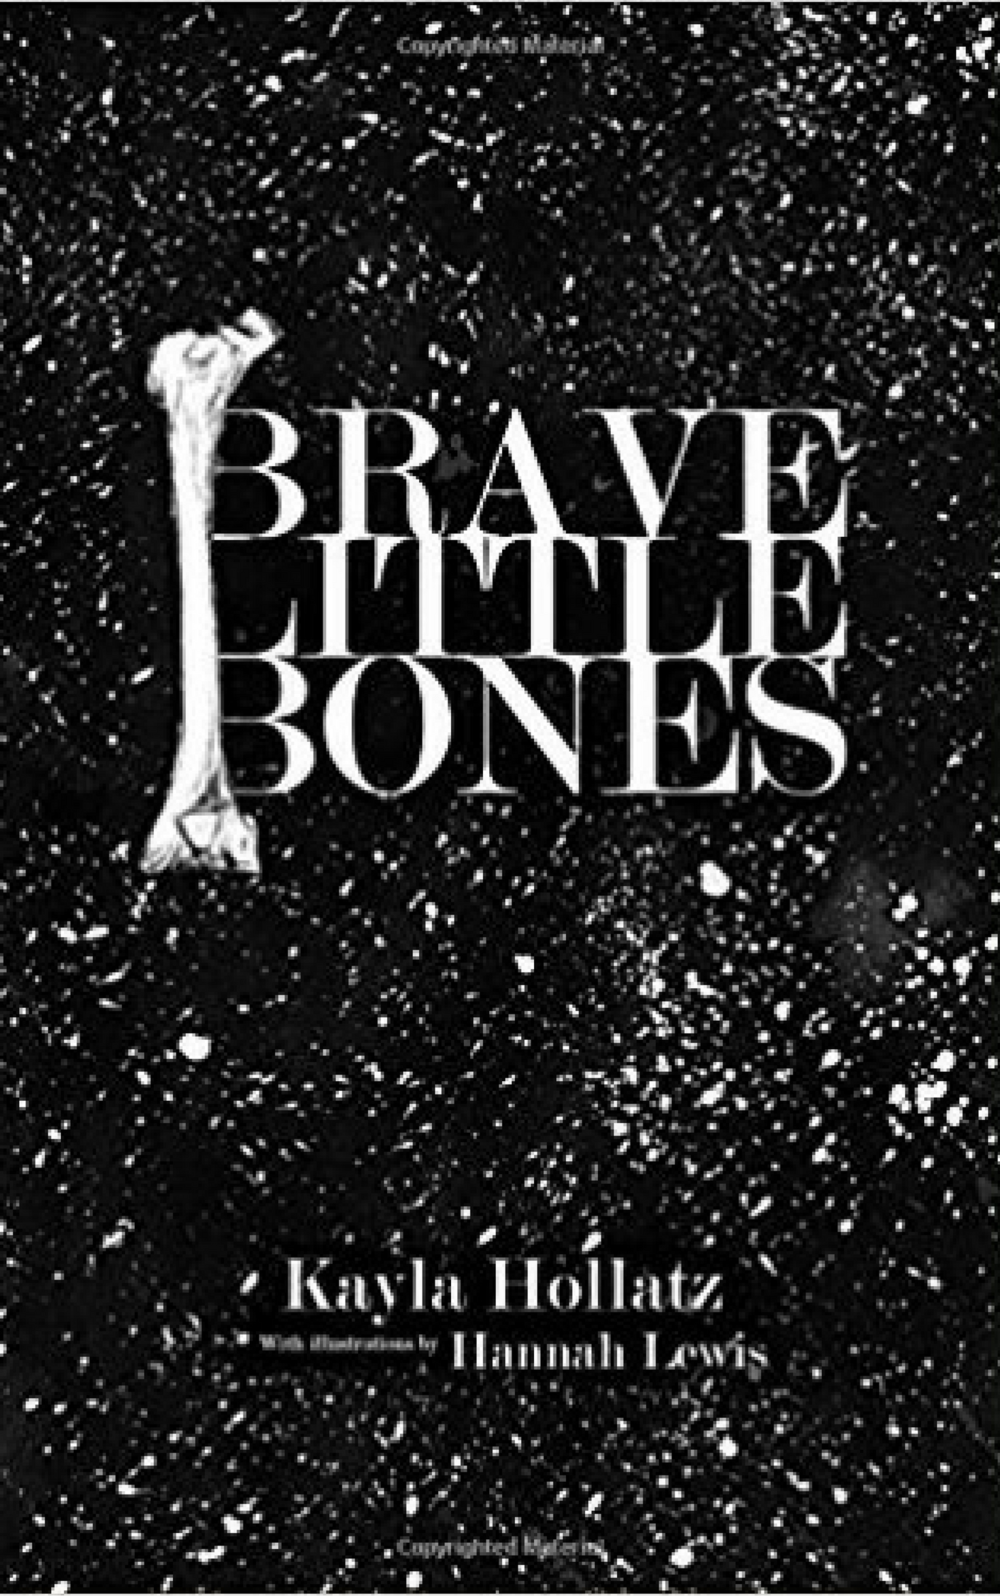 Brave-Little-Bones.jpg